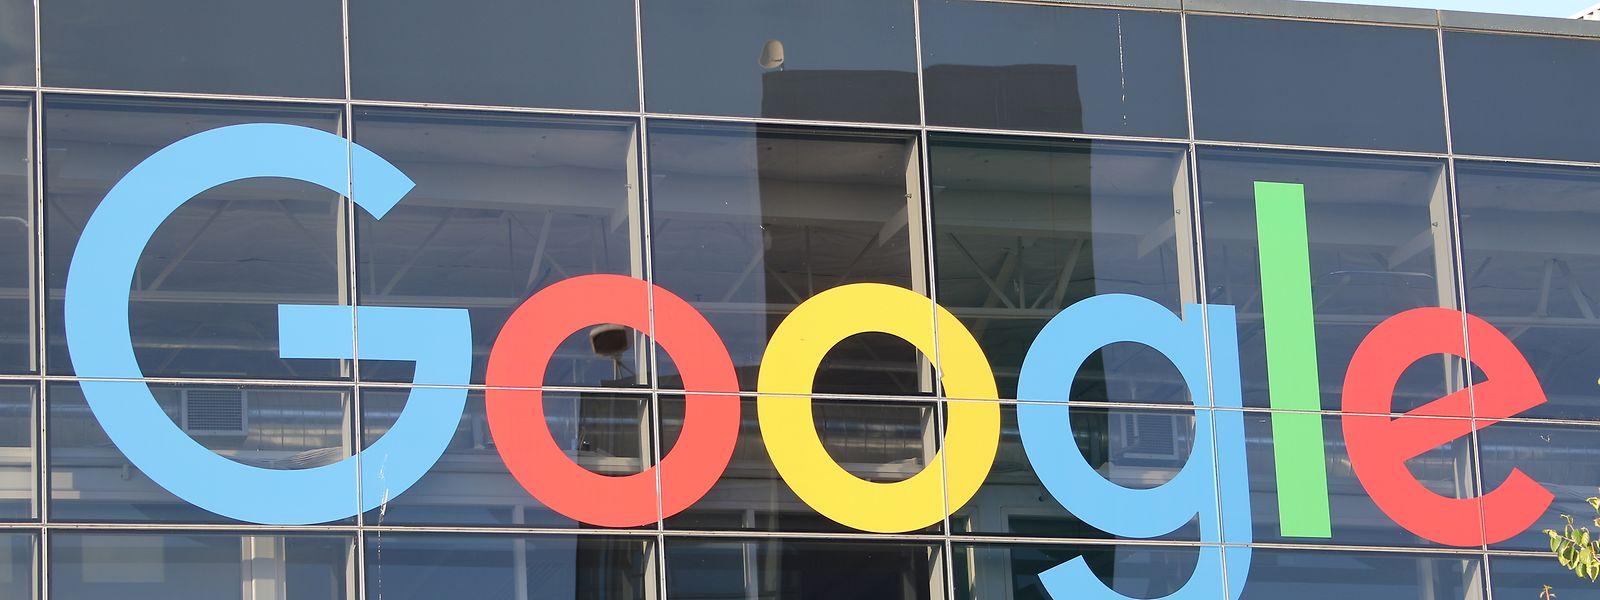 Die CSV-Abgeordnete Martine Hansen hatte im Parlament viele Fragen zum Thema Google. Konkrete Antworten bekam sie nicht.